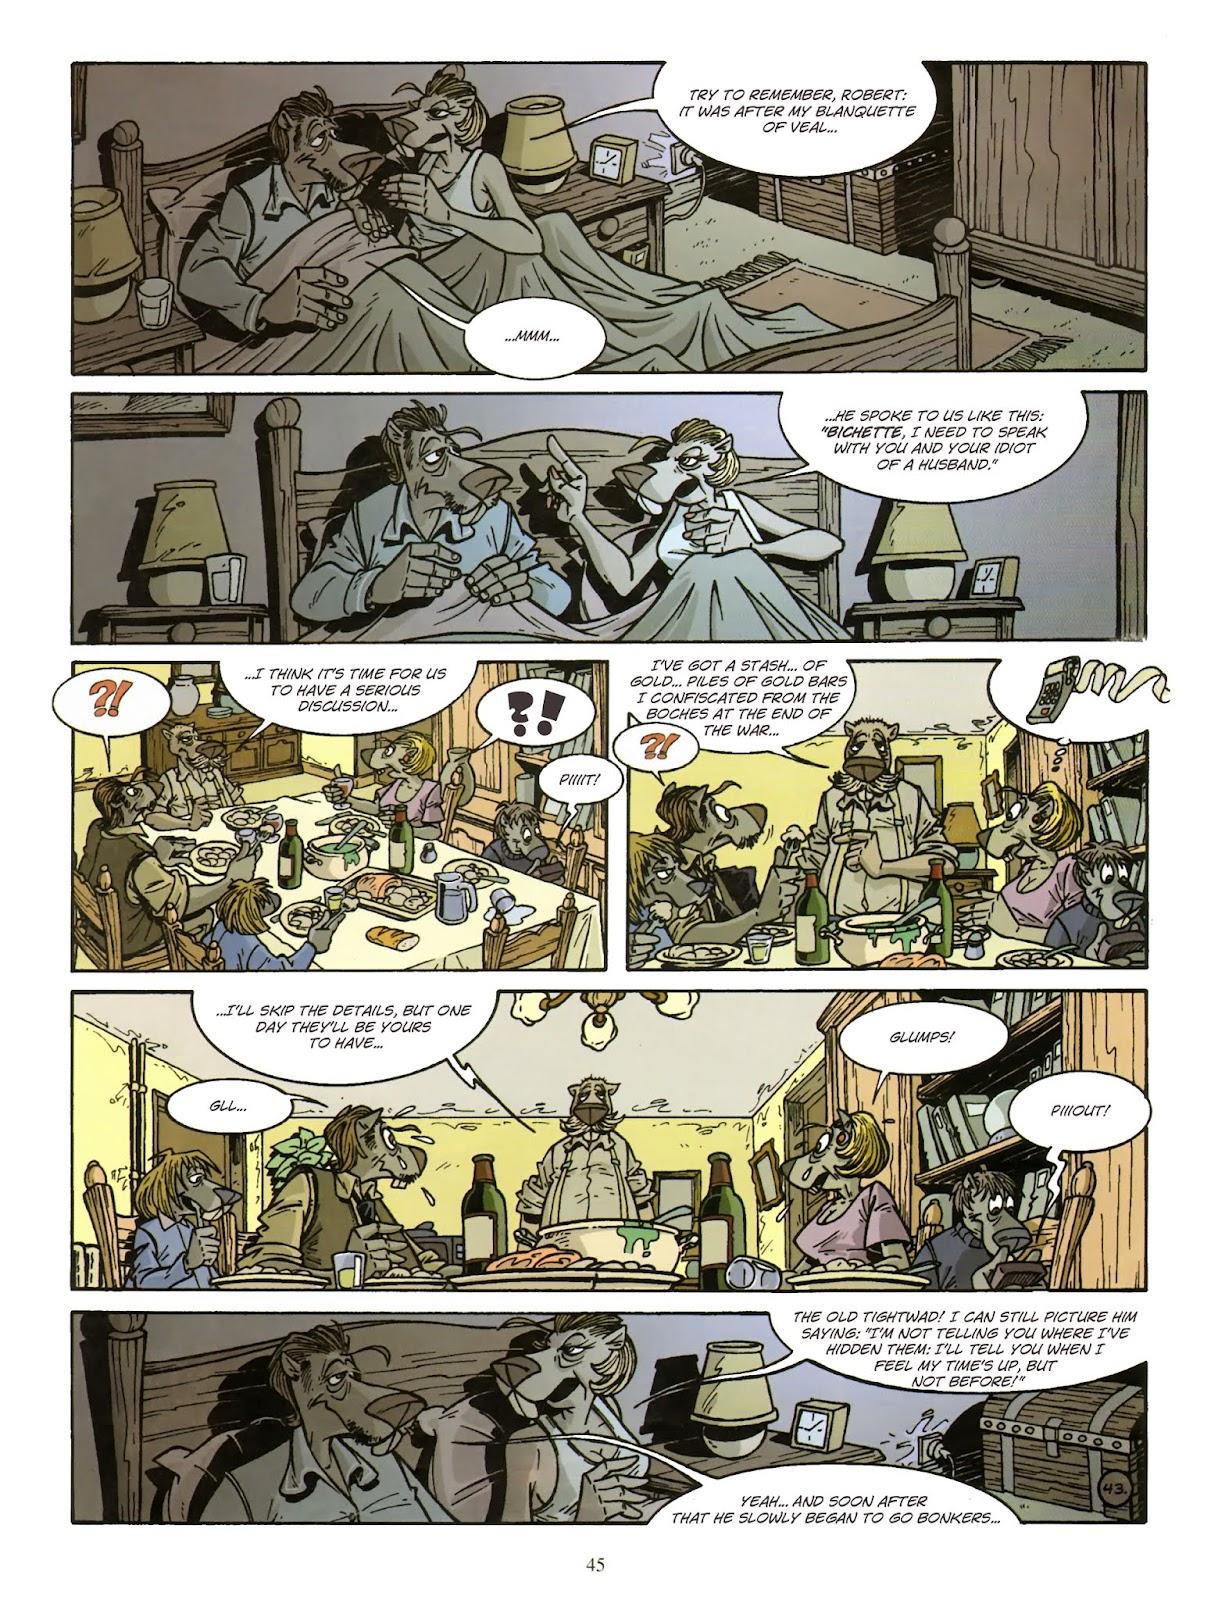 Une enquête de l'inspecteur Canardo issue 11 - Page 46